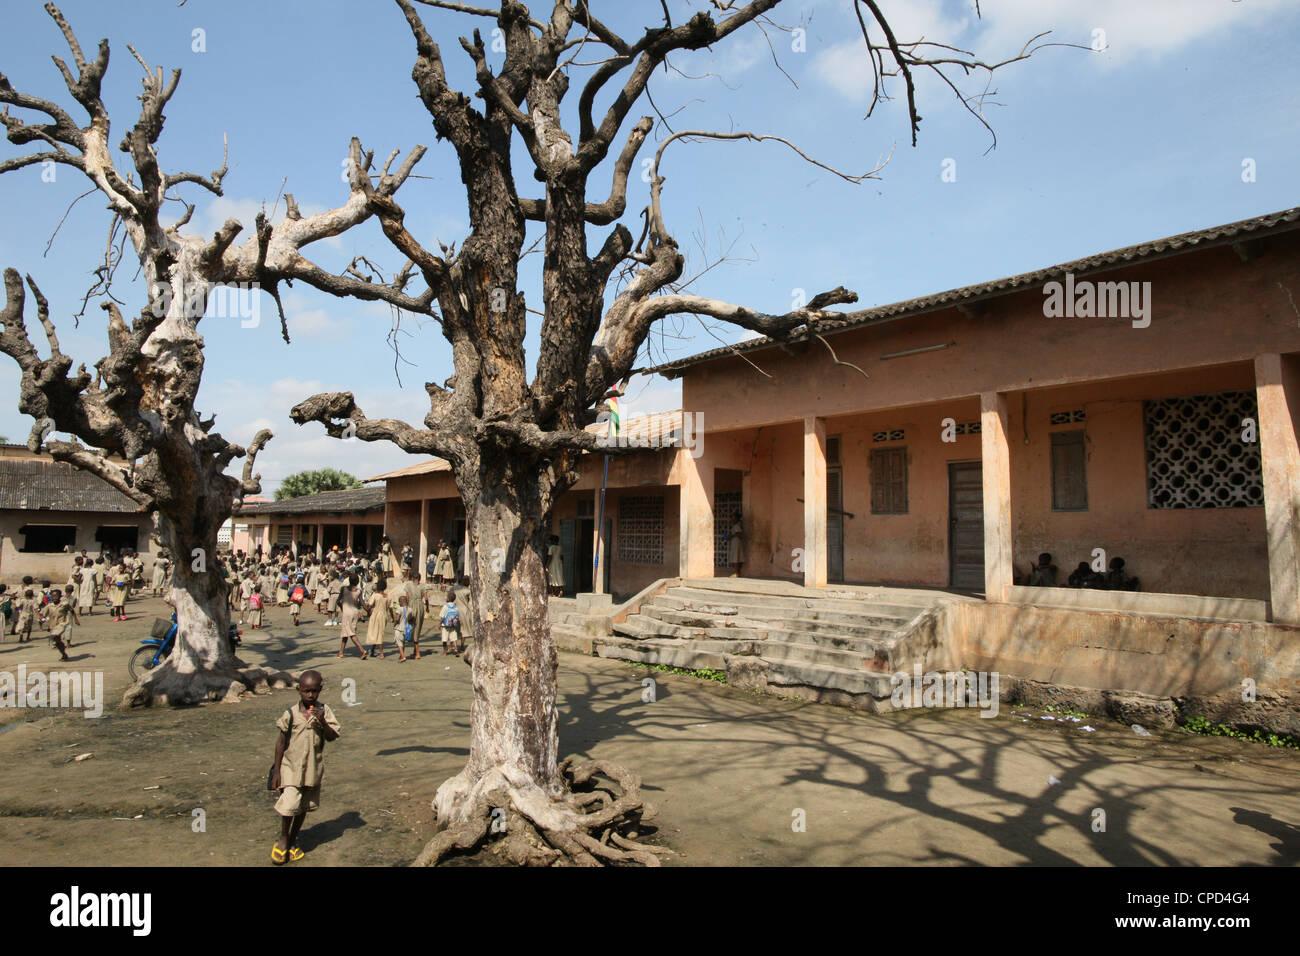 L'école primaire, Lomé, Togo, Afrique de l'Ouest, l'Afrique Photo Stock